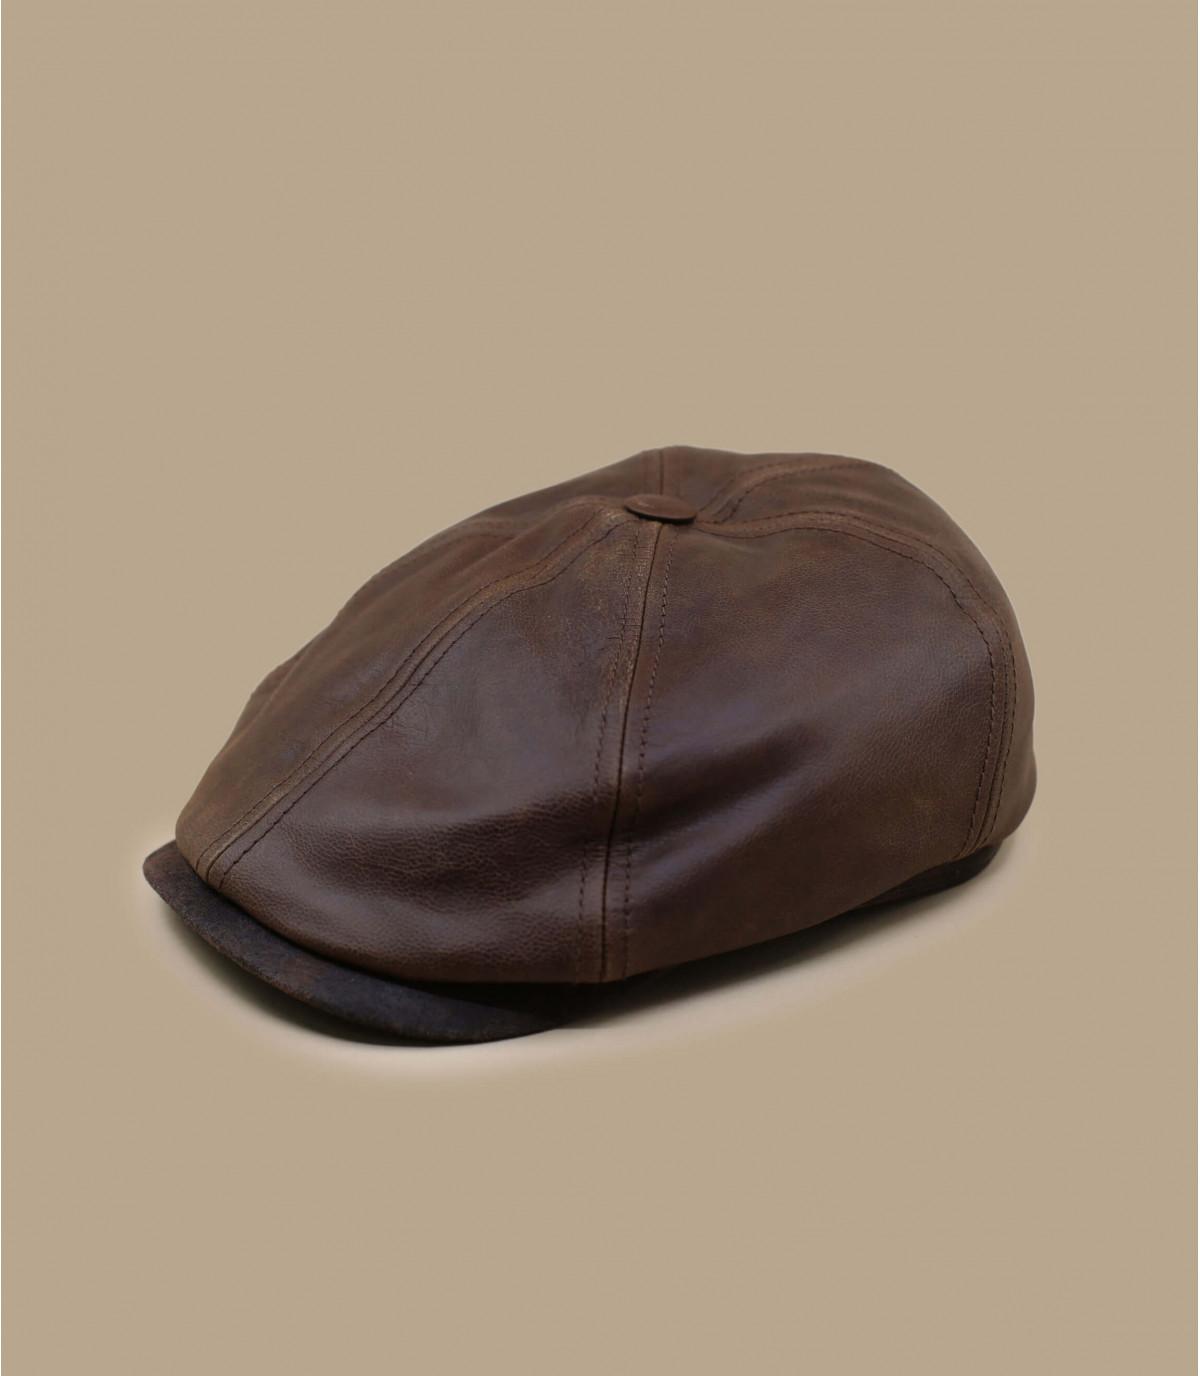 Cappellino irlandaise pelle